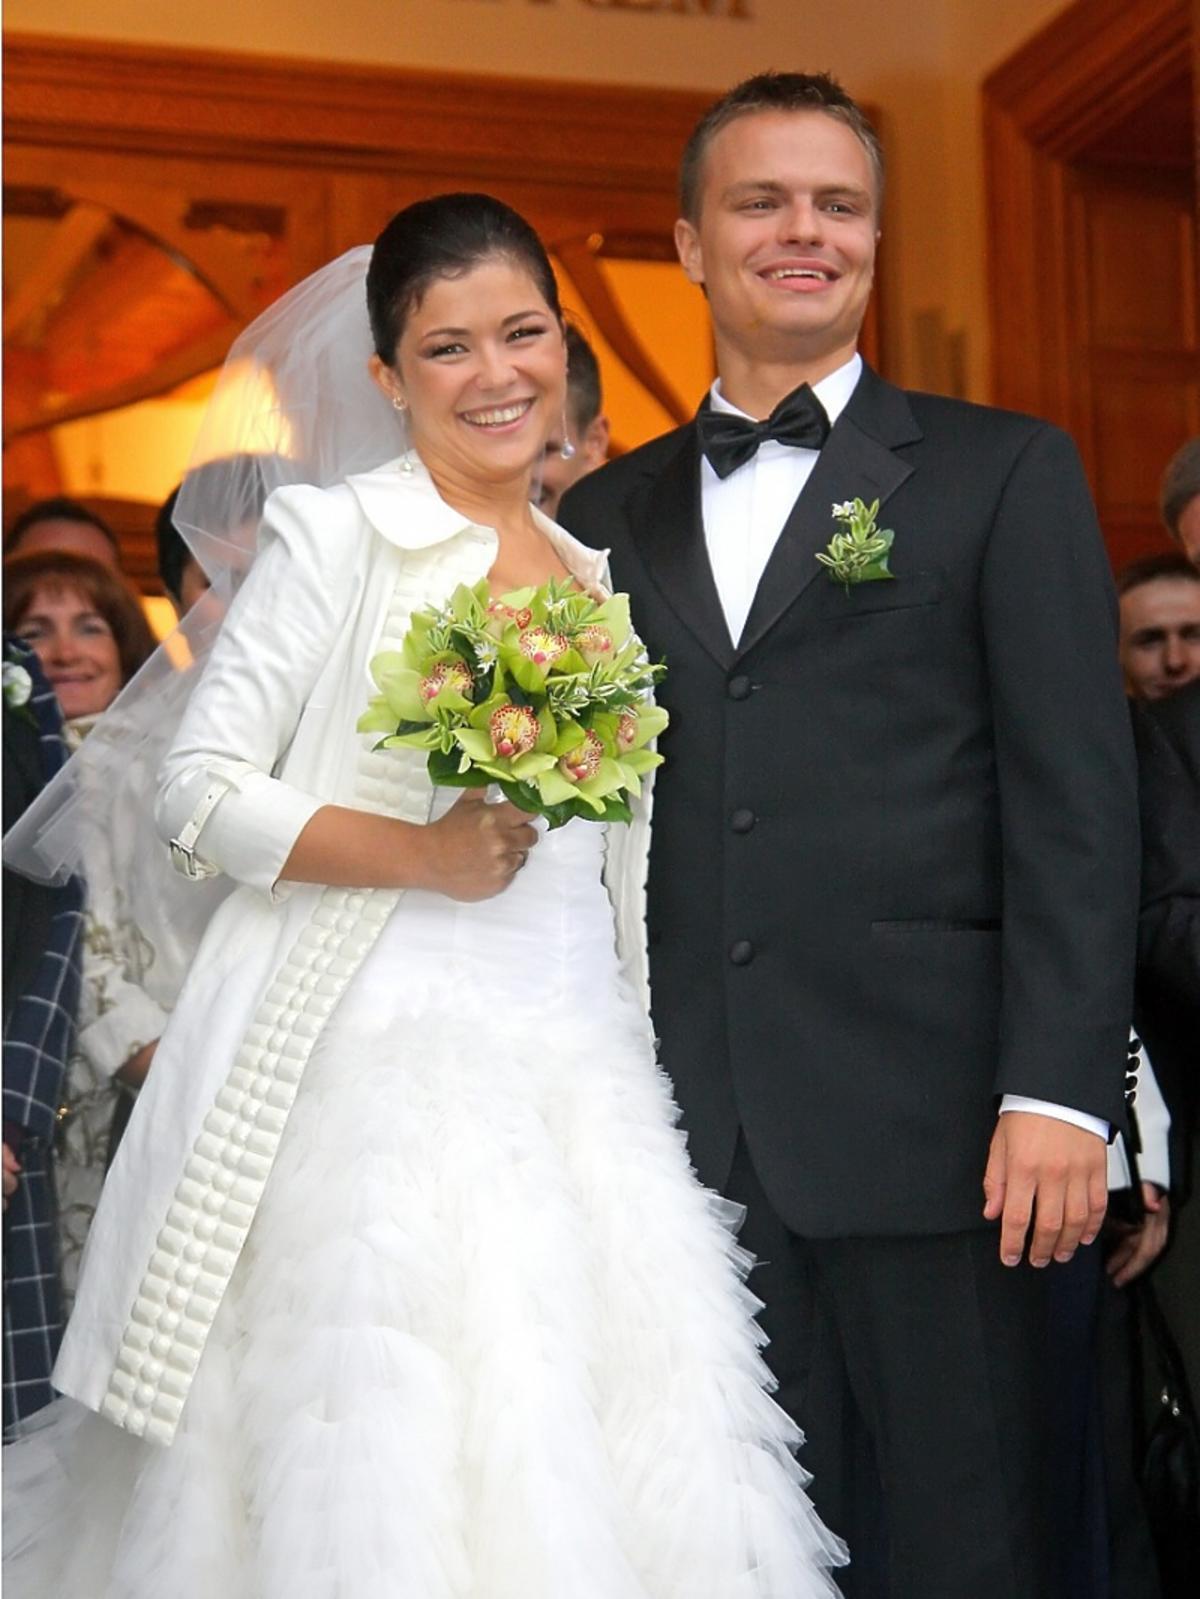 Katarzyna Cichopek w sukni ślubnej i Marcin Hakiel w garniturze jak wychodza z kościoła